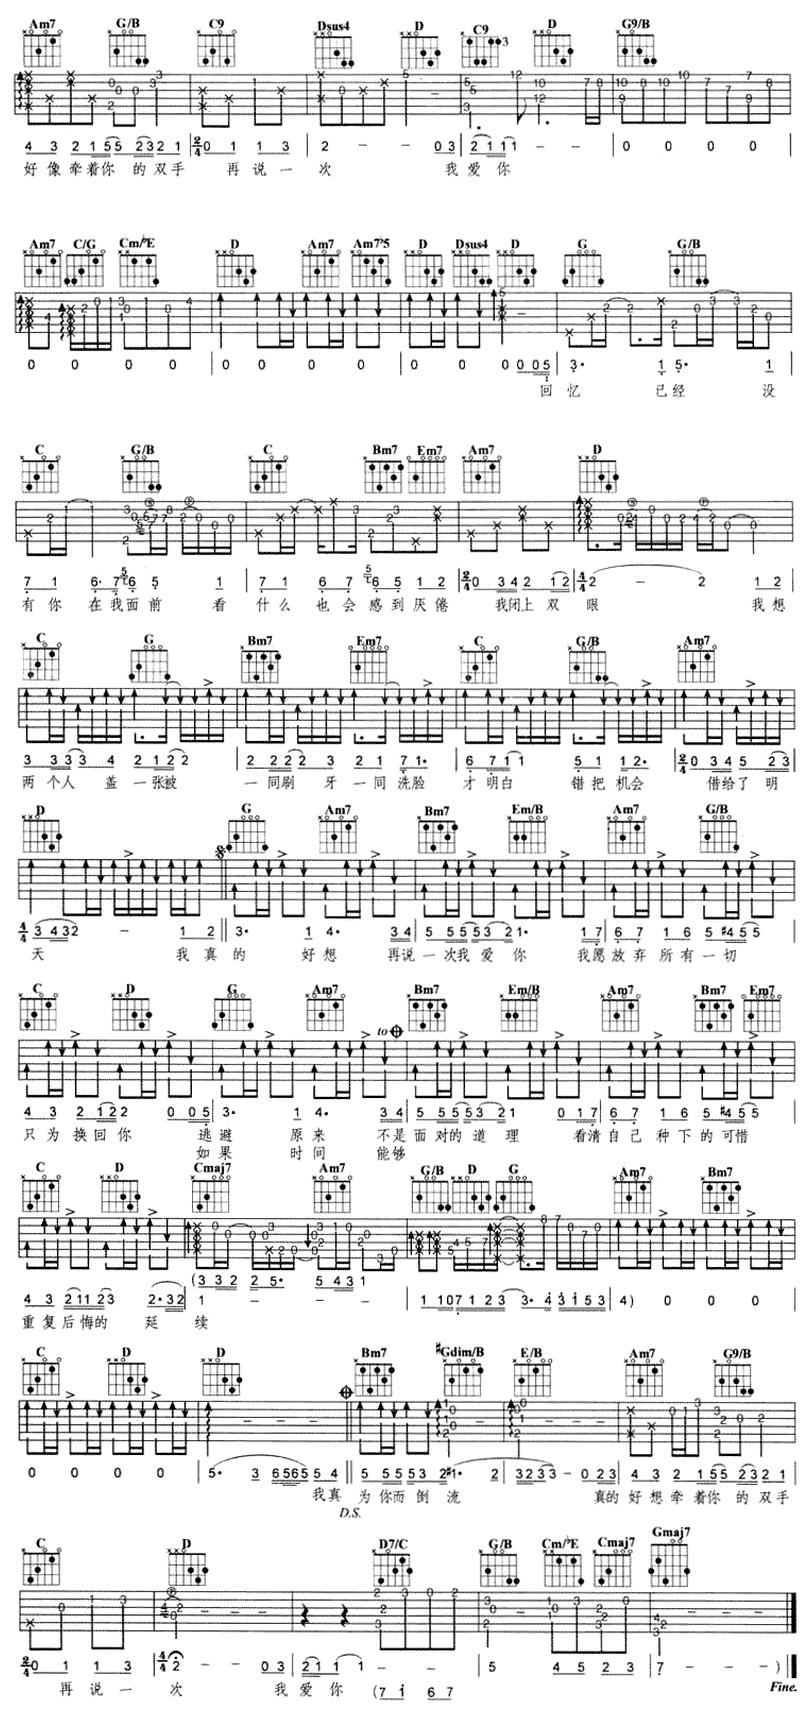 再說一次我愛你-劉德華-图片吉他谱-1